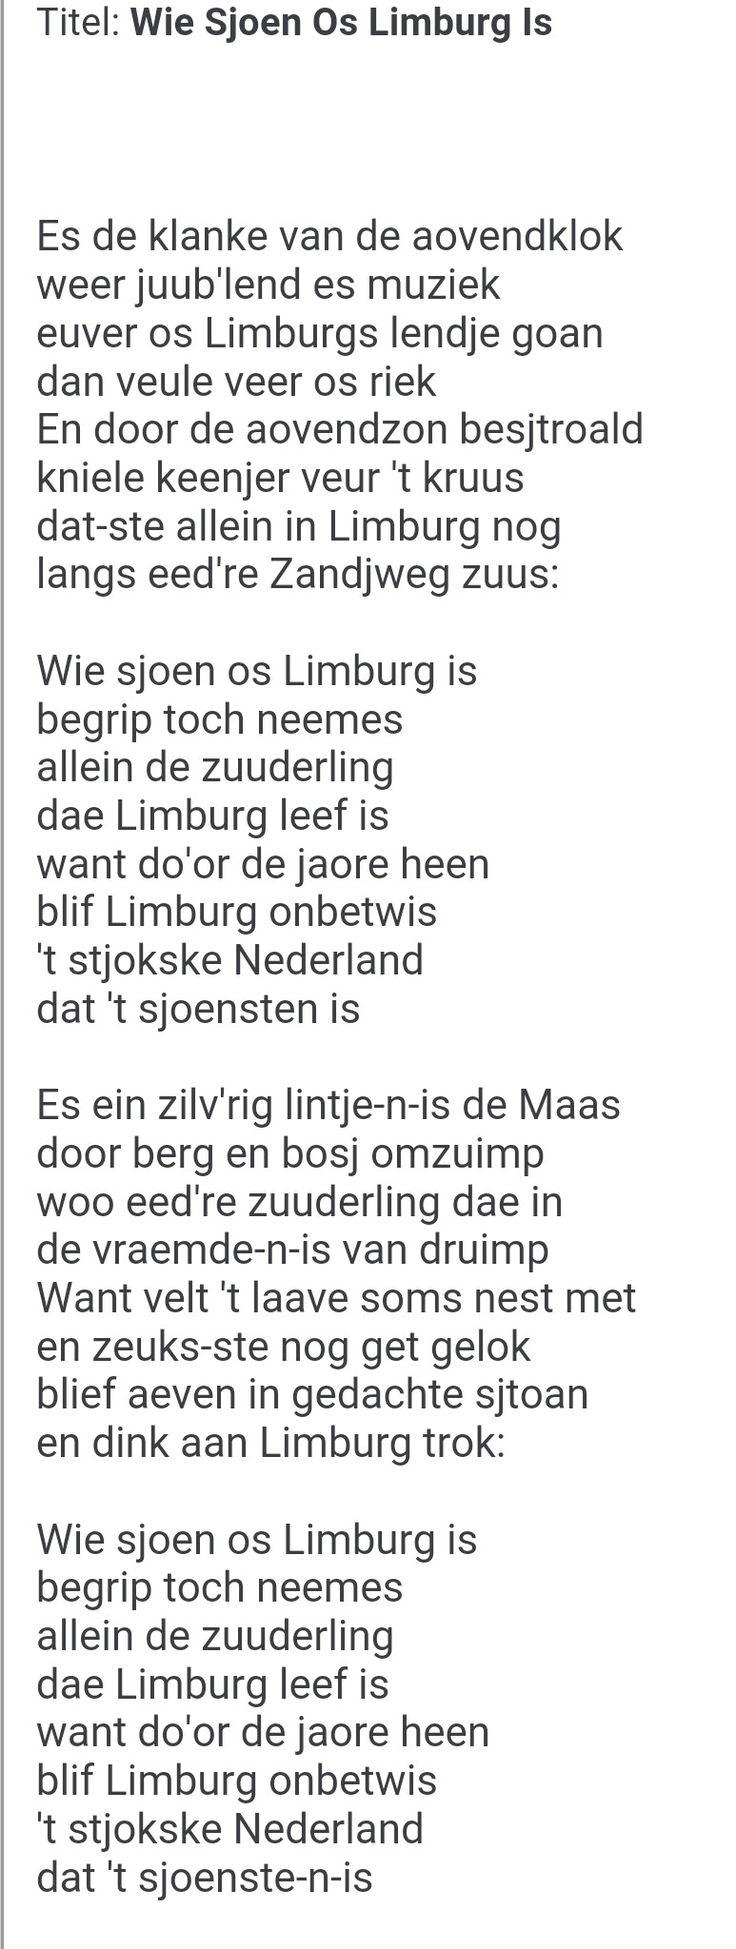 Songtekst: Wie sjoen os Limburg is